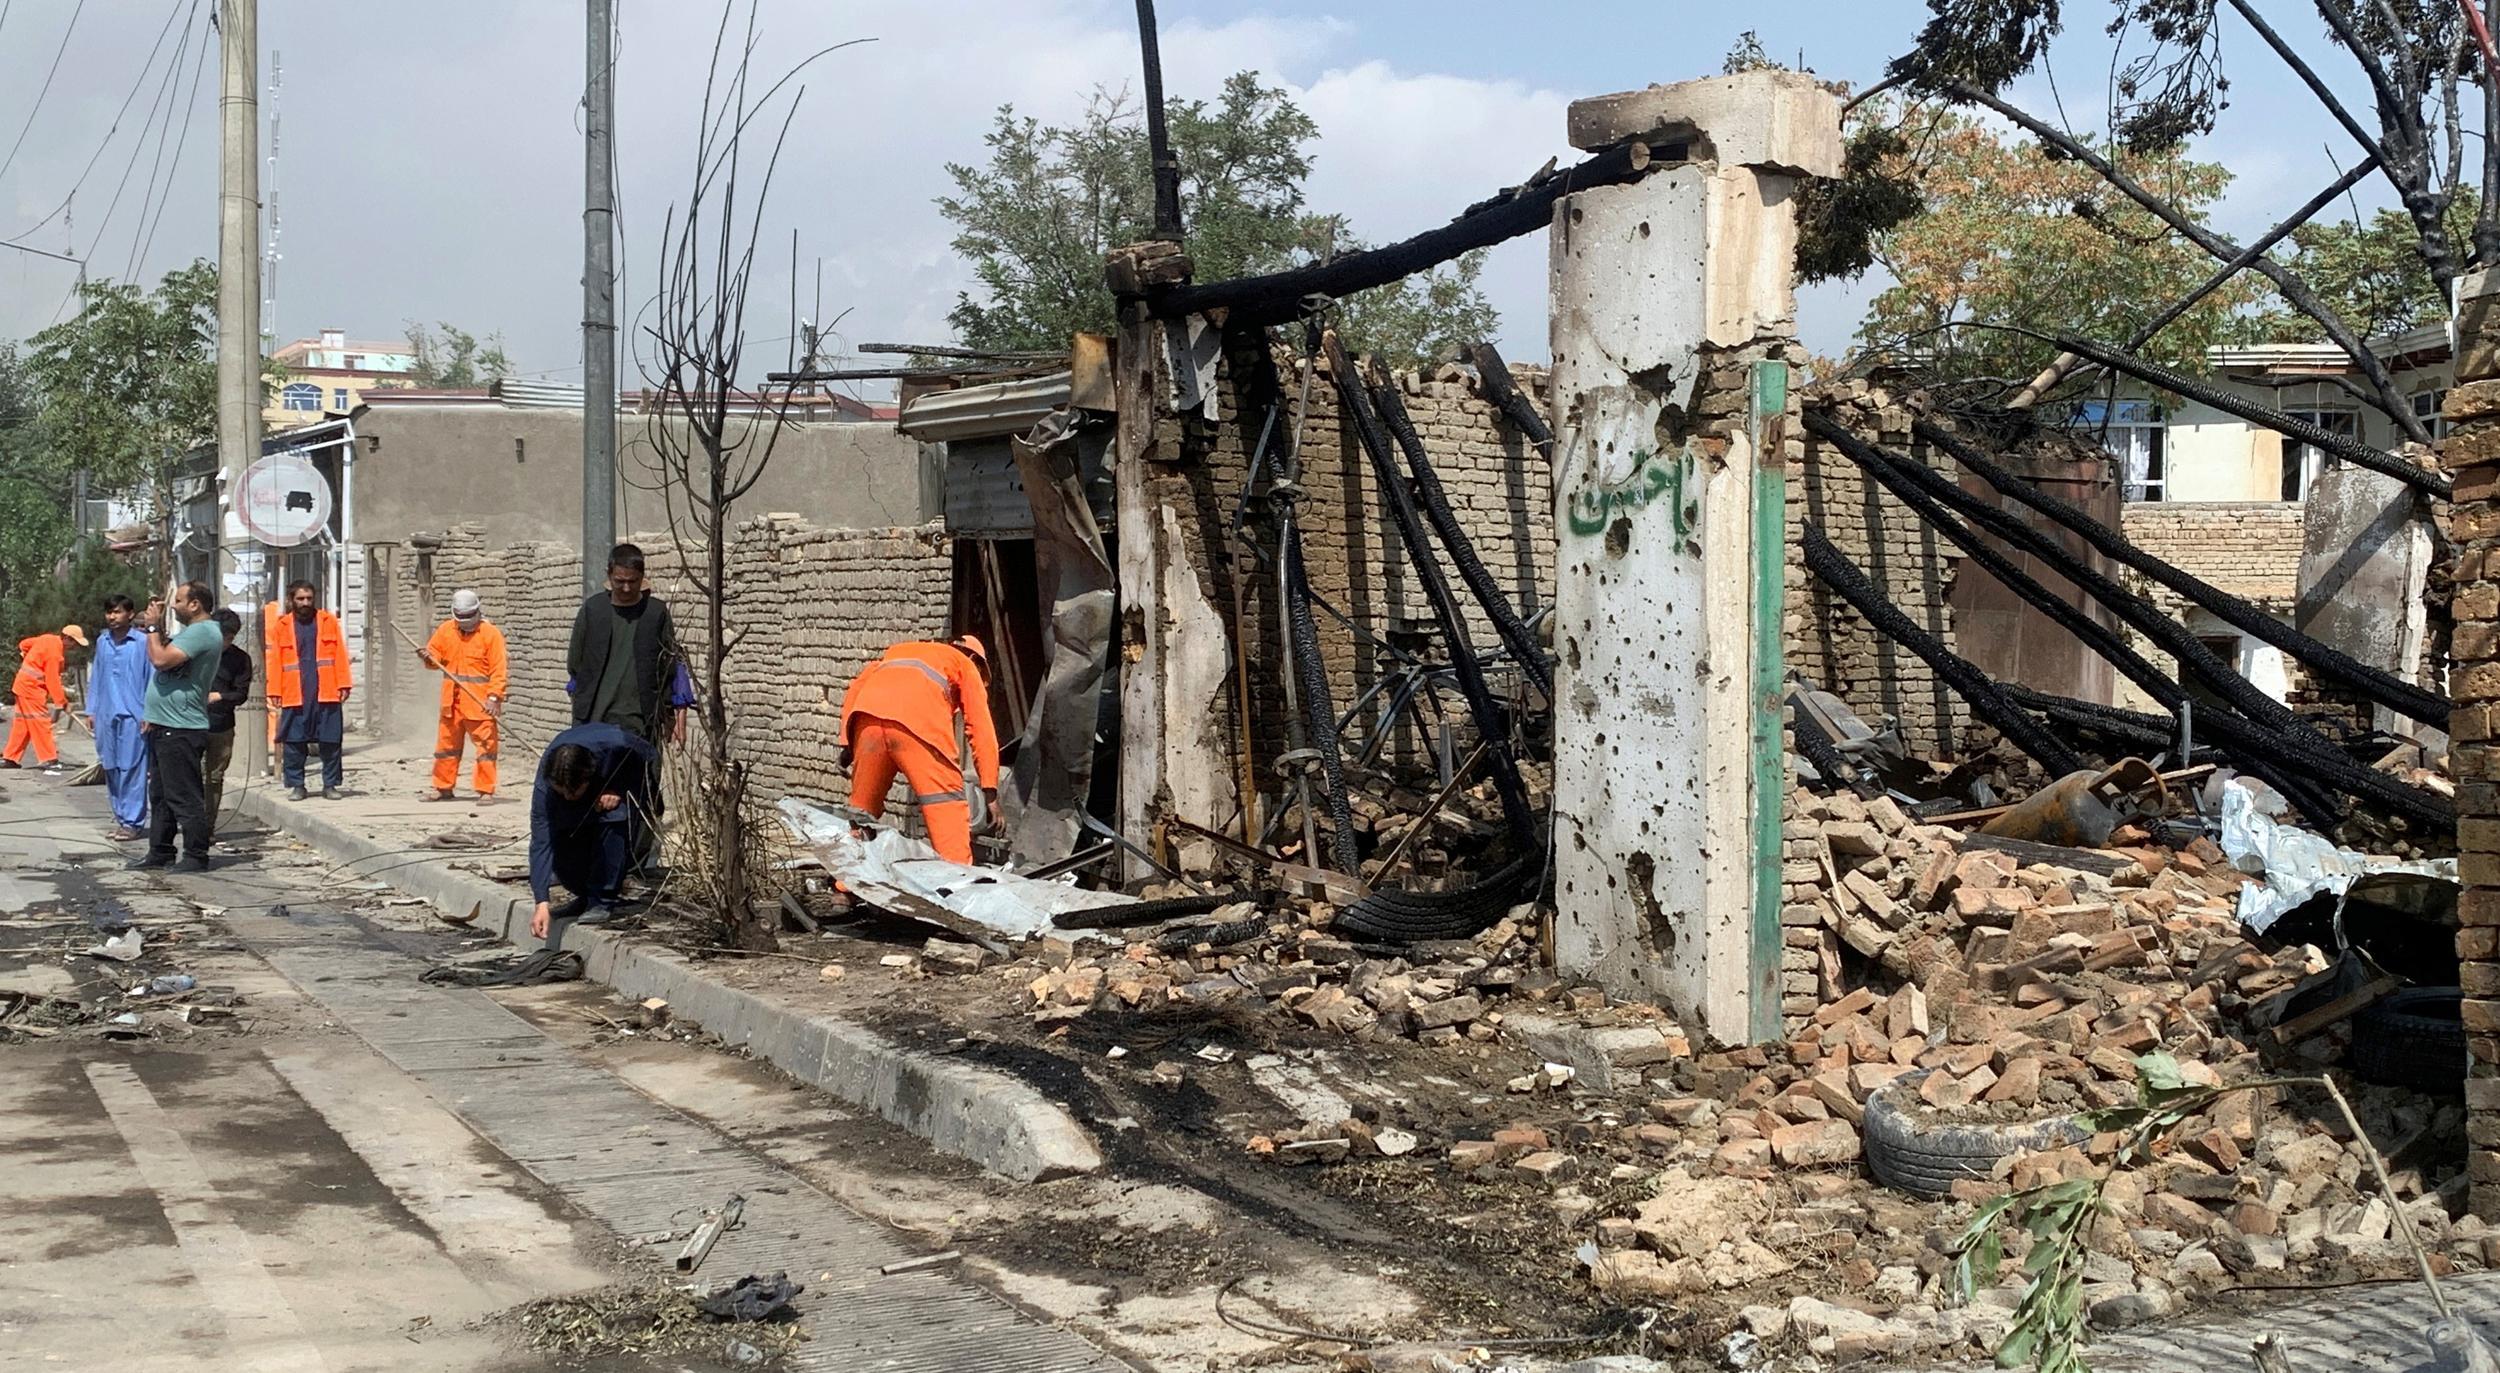 Atentado suicida en el este de Afganistán deja al menos 30 muertos